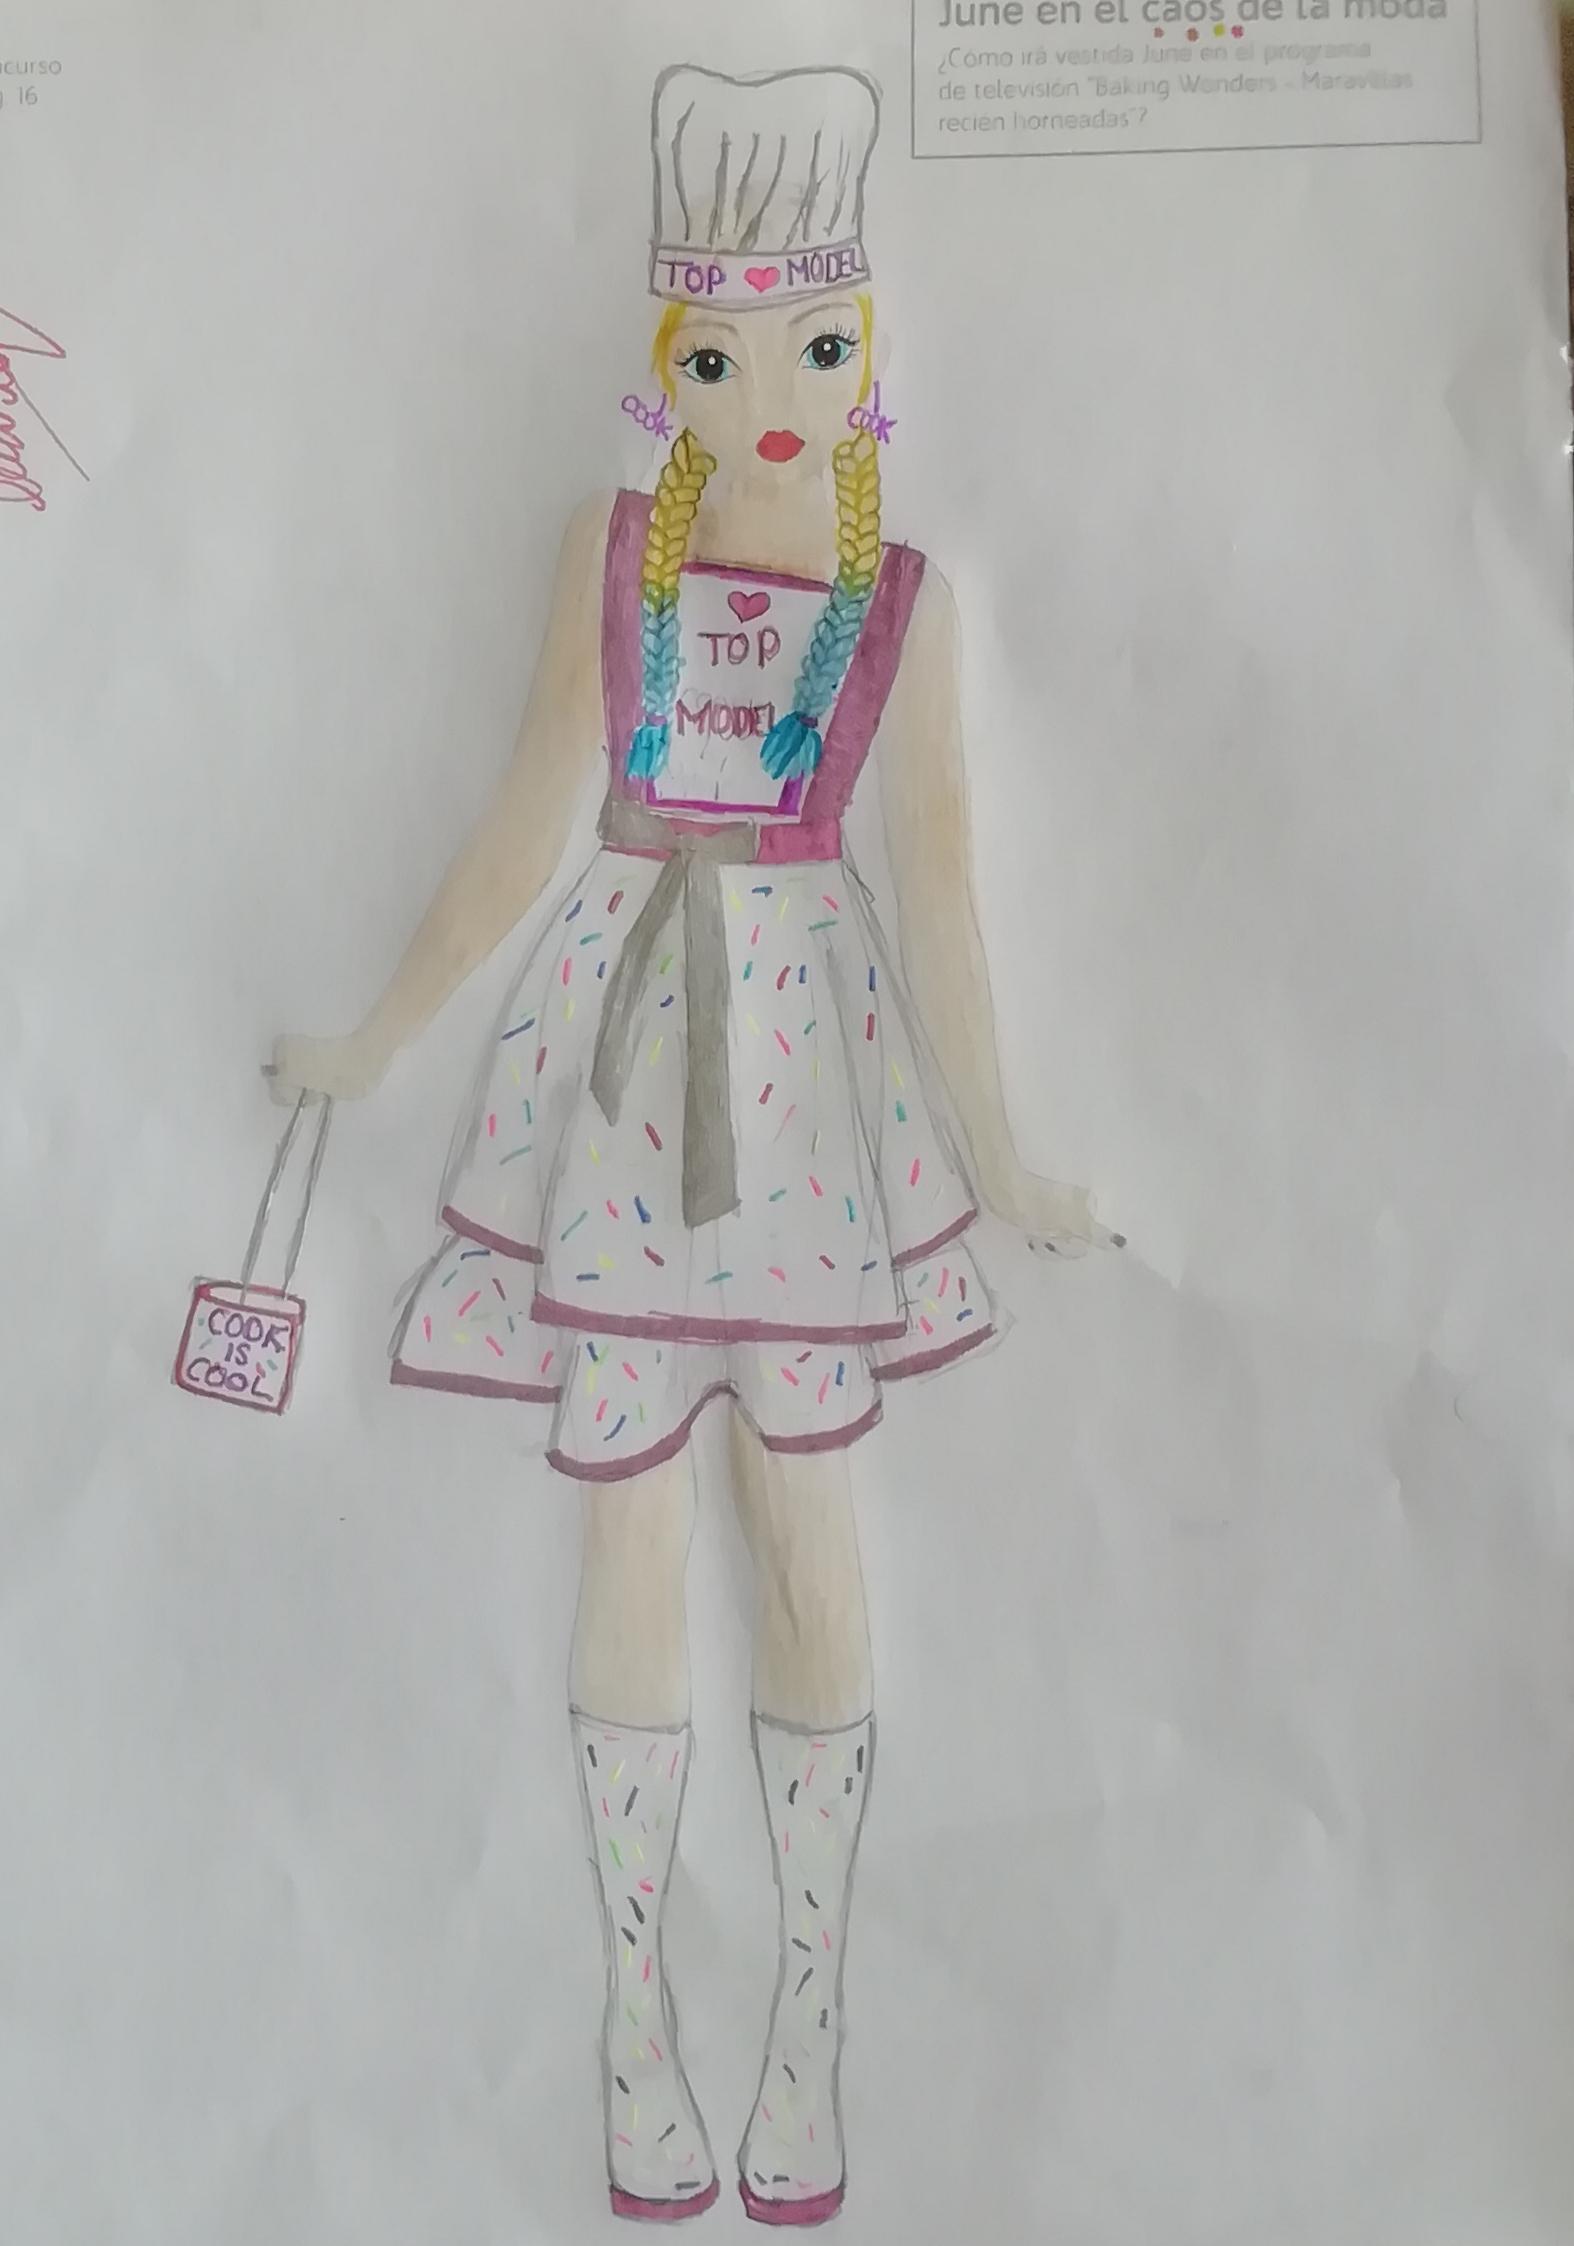 Sandra C., 9 Jahre, aus Zamora